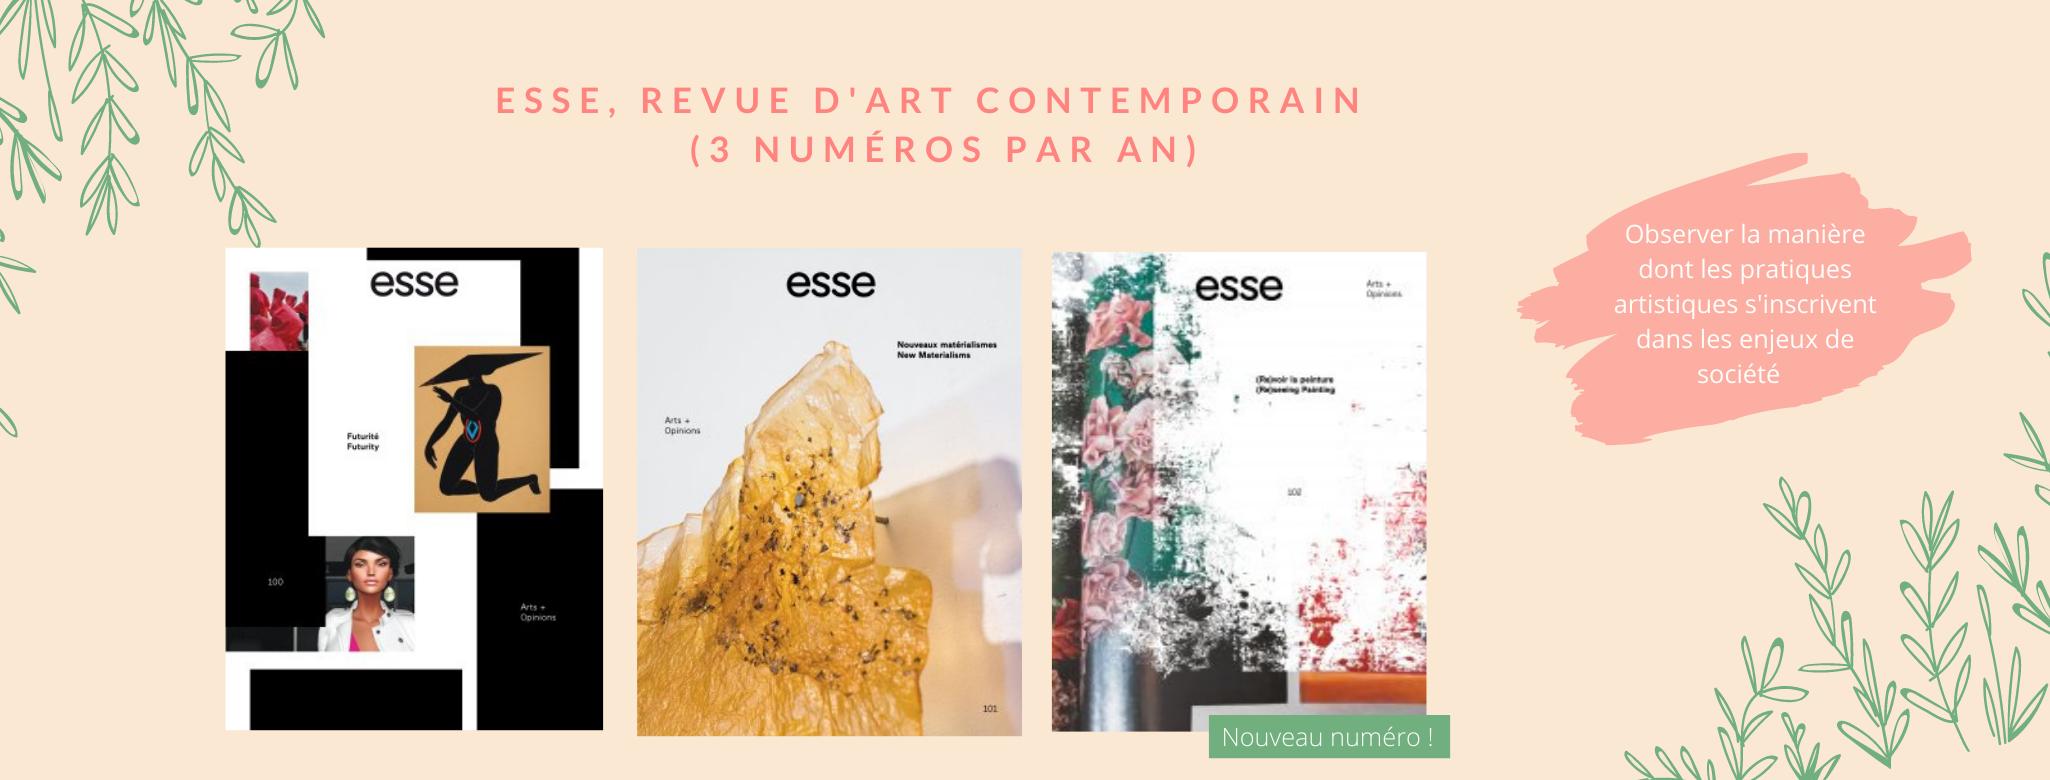 Référence en art contemporain, la revue Esse propose des dossiers engagés qui observent de près les différents enjeux de société et la manière dont les pratiques artistiques s'y inscrivent.